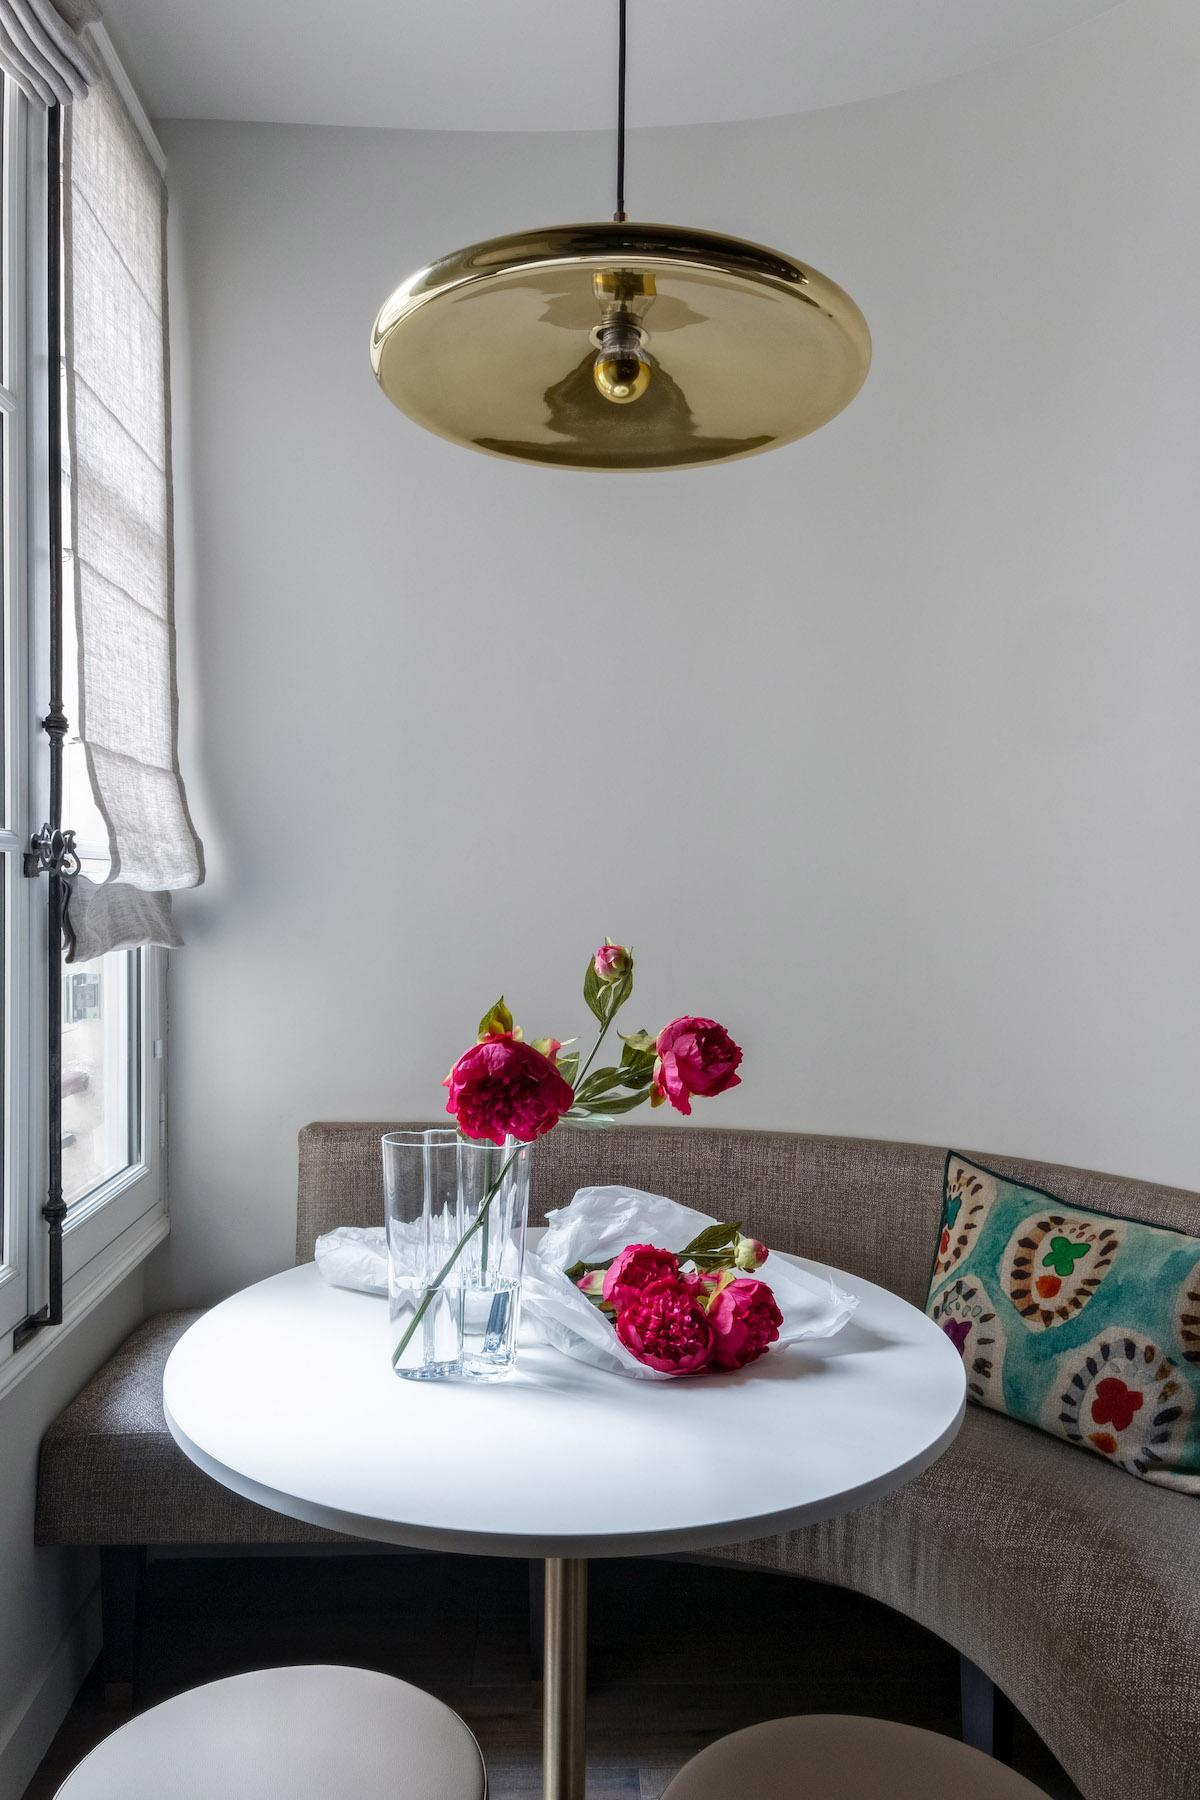 déco en bois cuisine banquette grise table ronde blanche - blog déco - clem around the corner